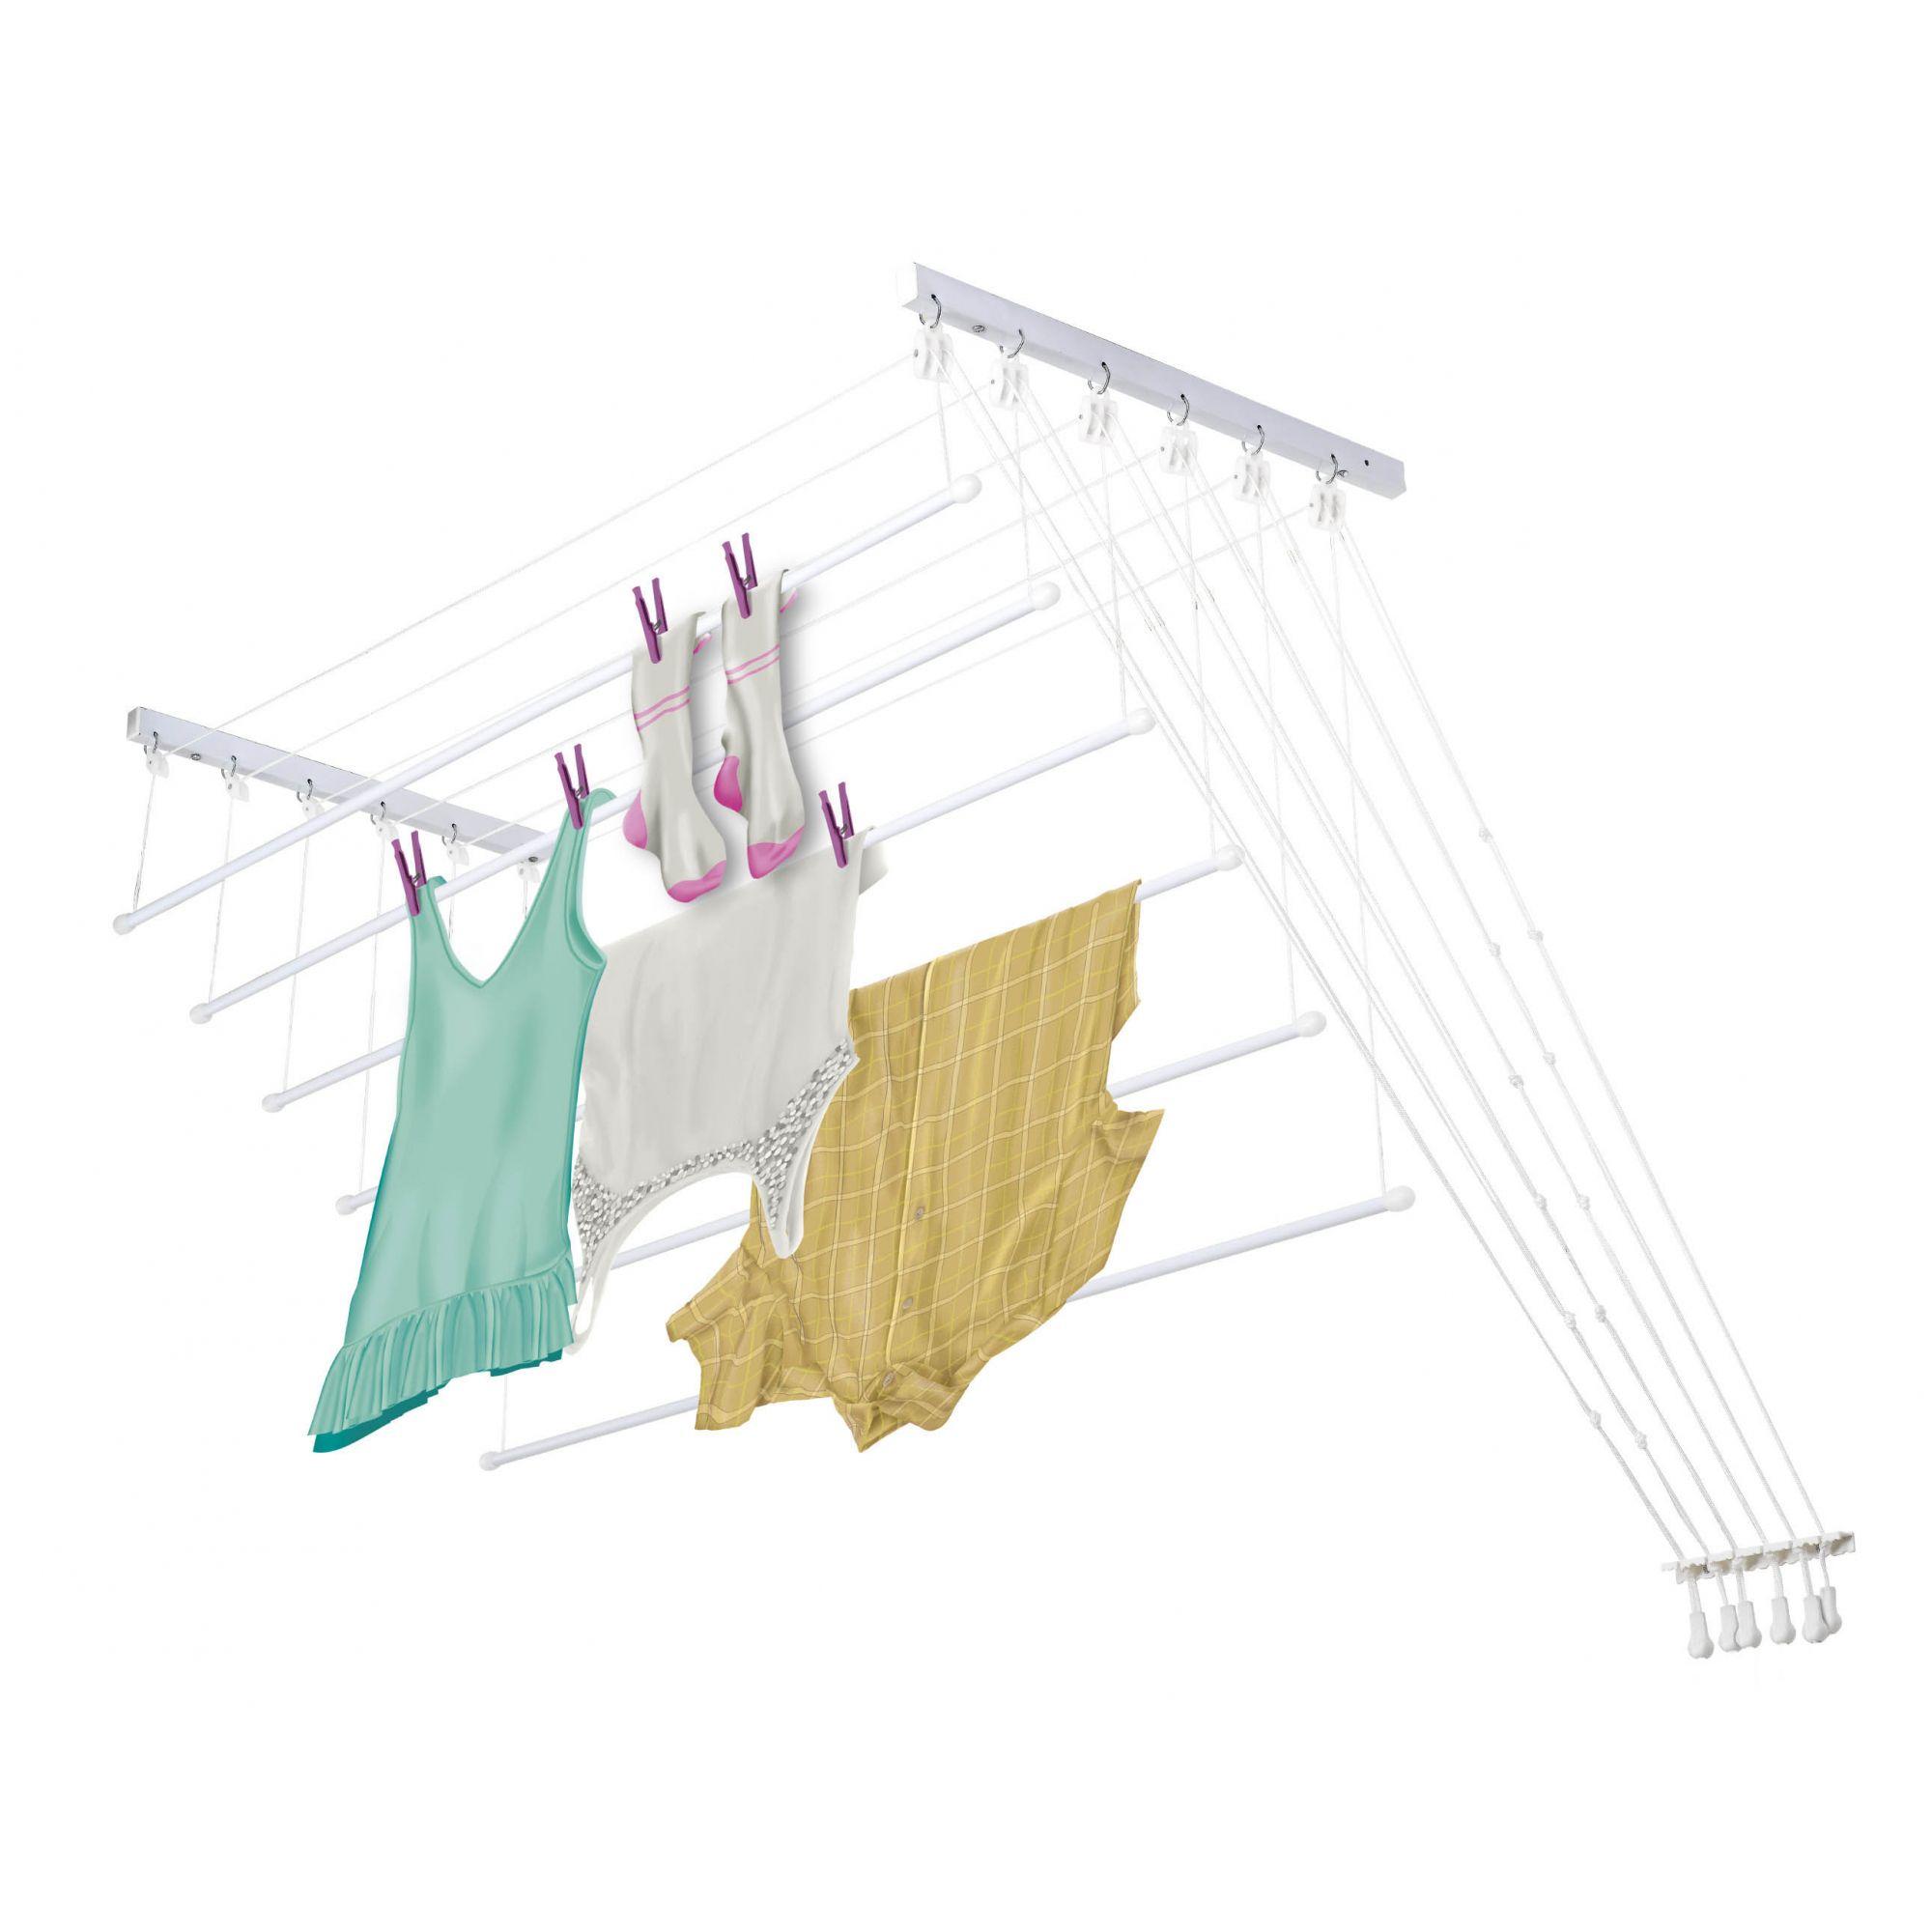 Varal Prático Secalux -Varal para Apartamento Teto ou Parede  - 1,2metros x 56cm